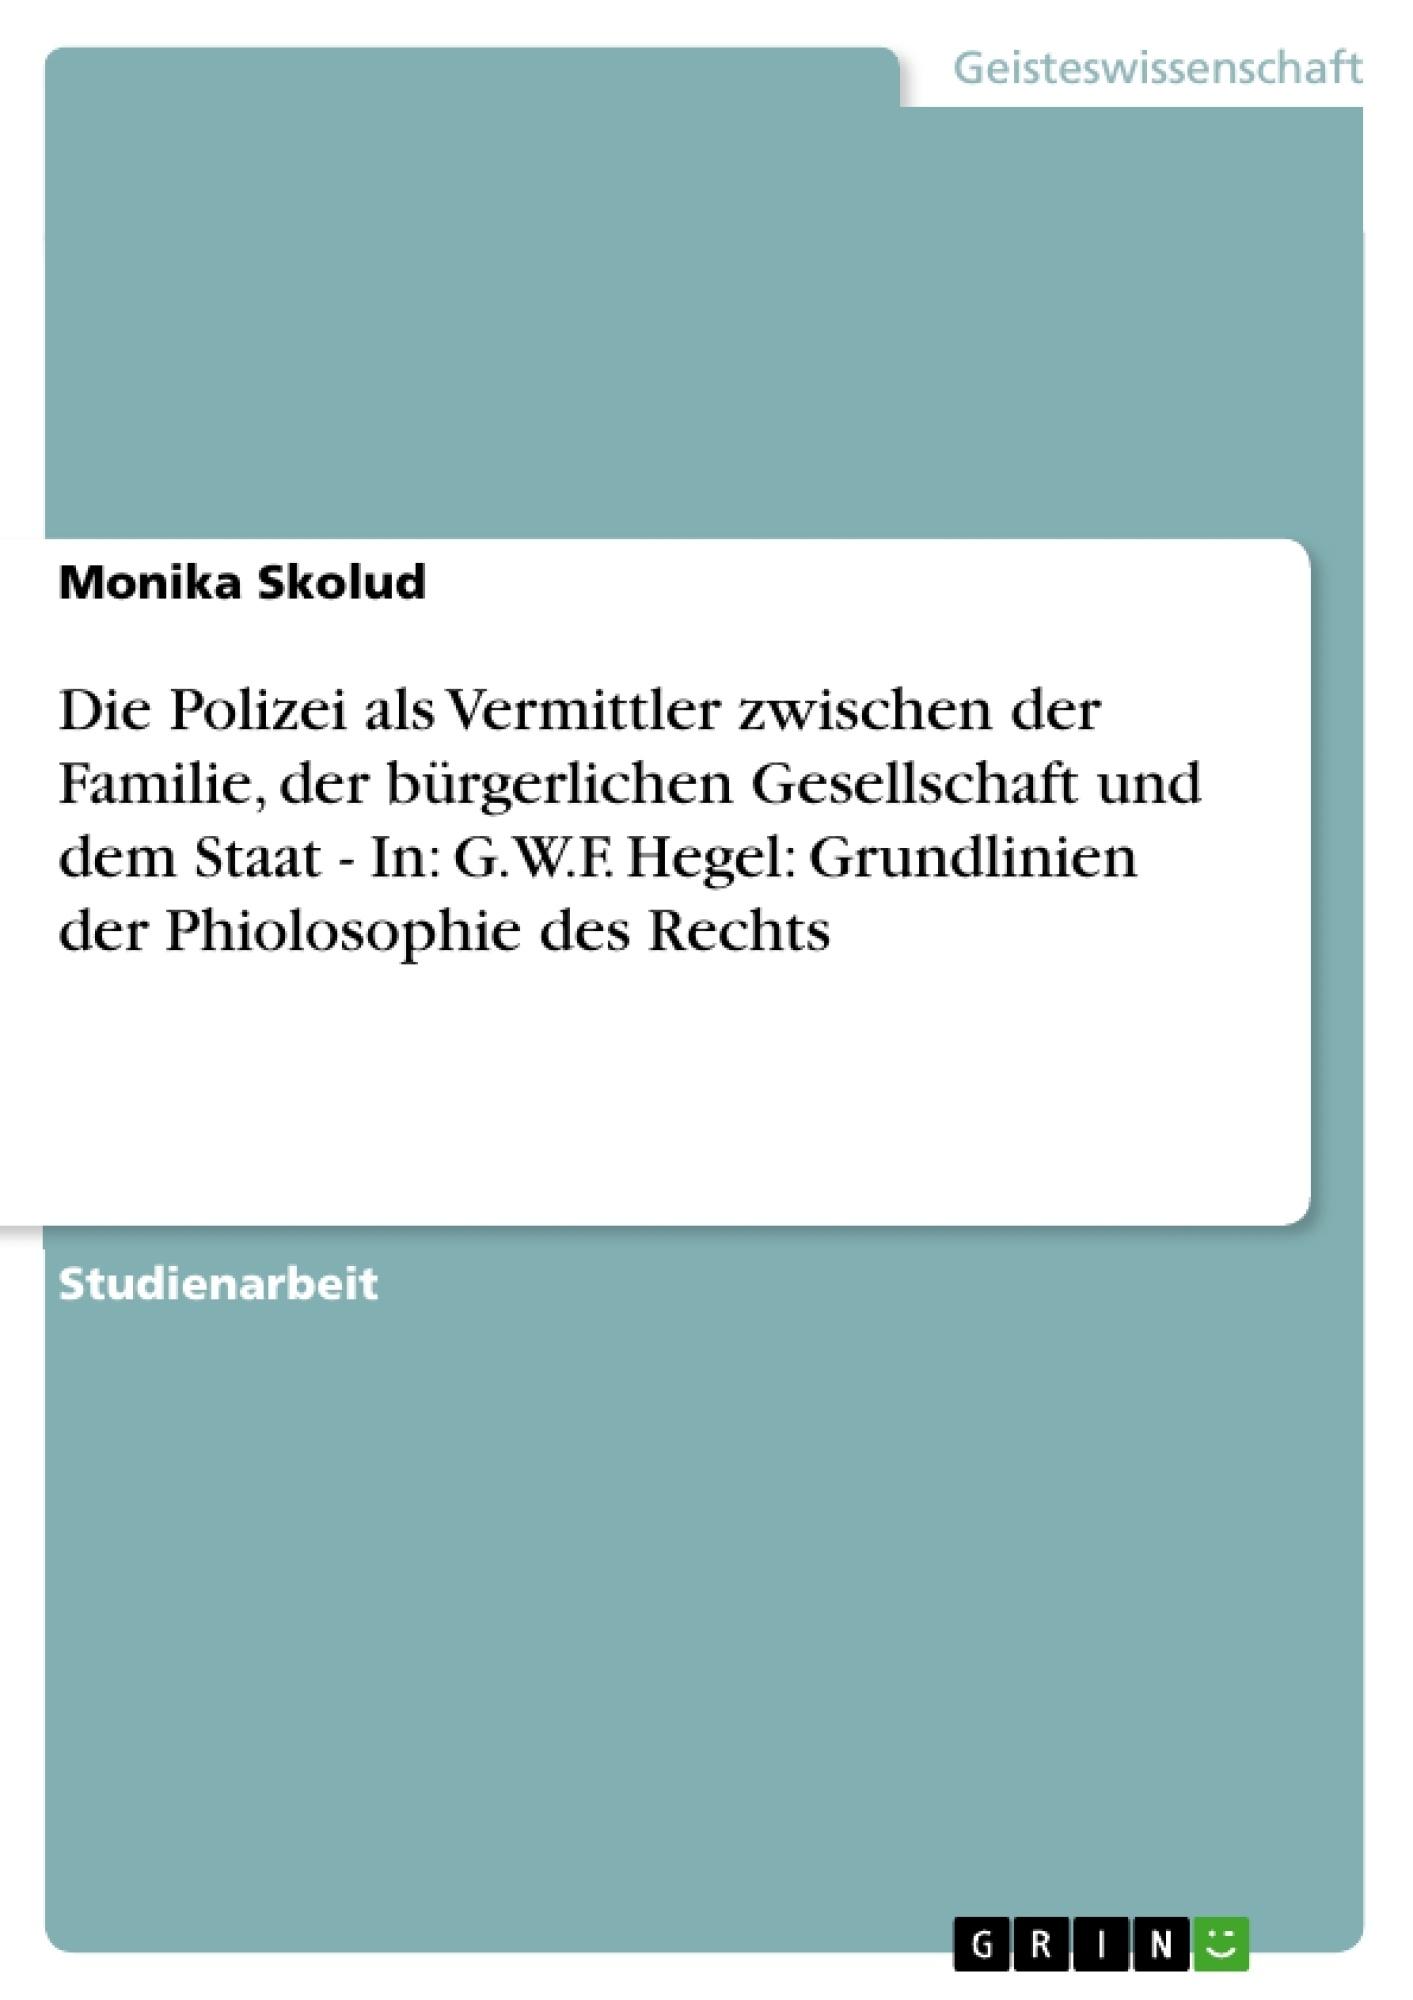 Titel: Die Polizei als Vermittler zwischen der Familie, der bürgerlichen Gesellschaft und dem Staat - In: G.W.F. Hegel: Grundlinien der Phiolosophie des Rechts